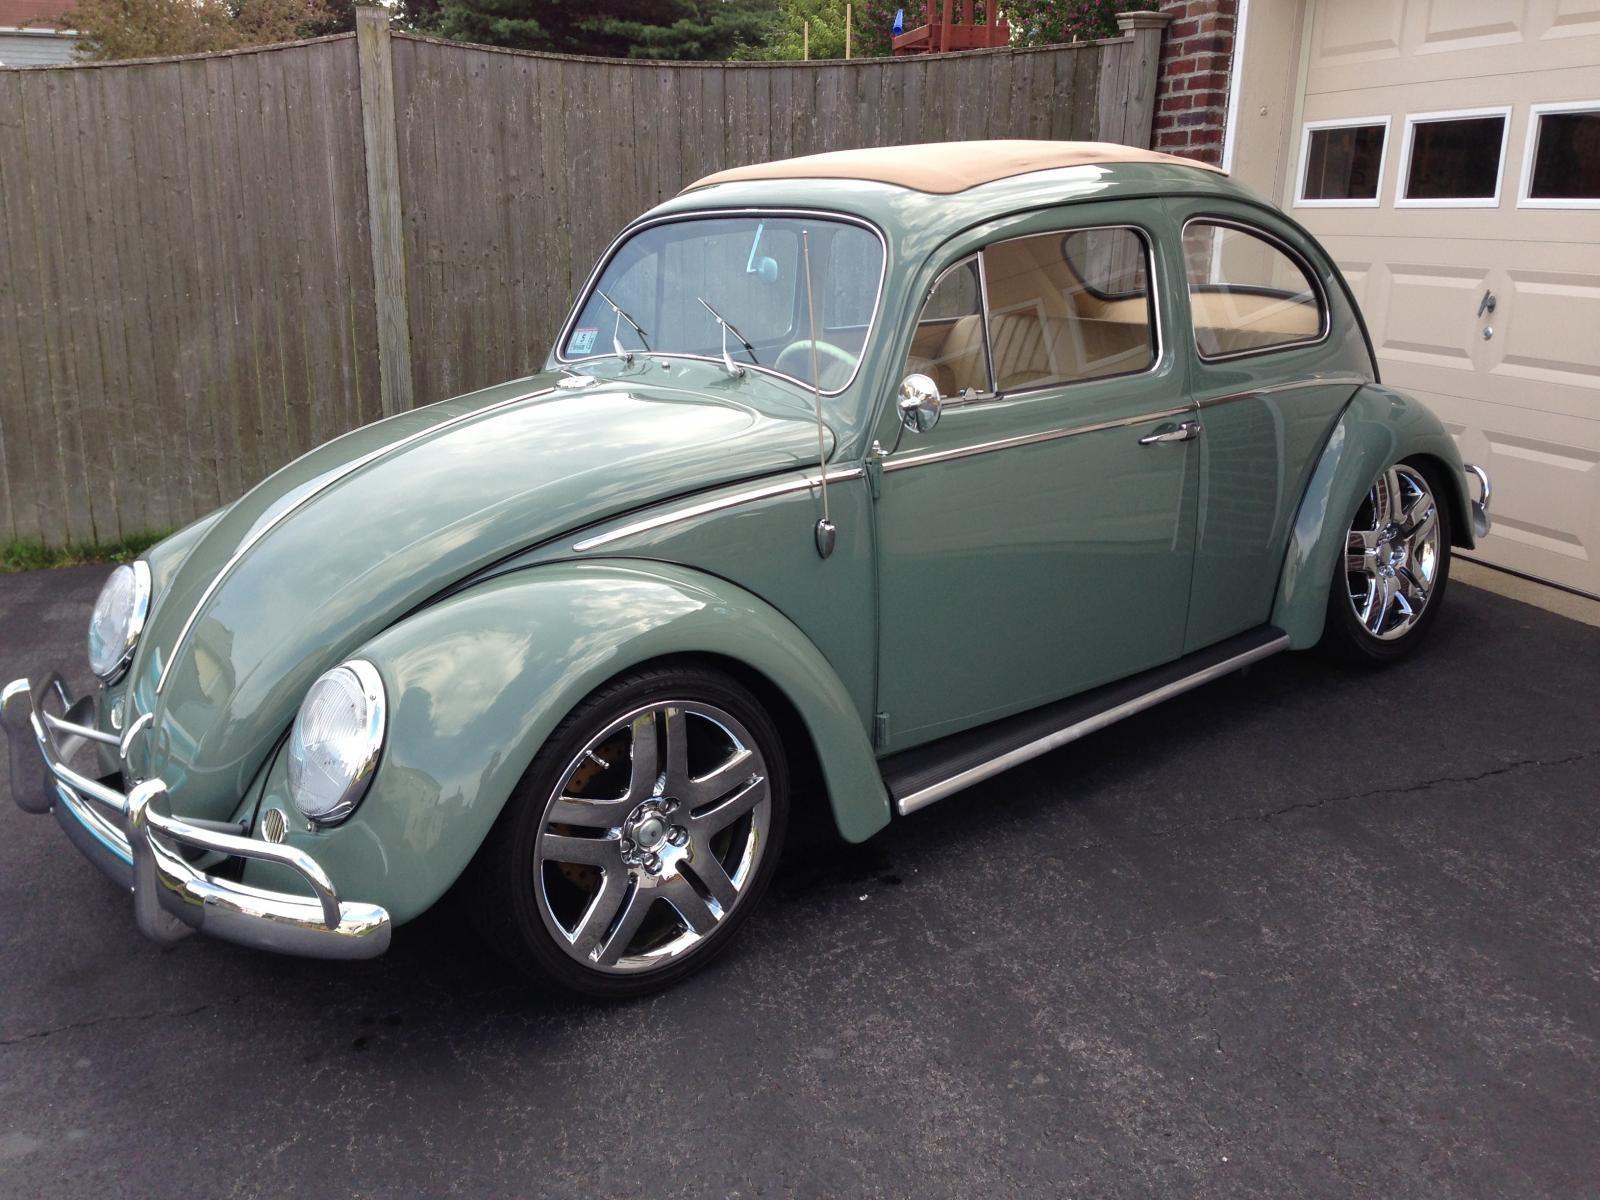 Gallery Robb S 1963 Ragtop Bug 17 Wheels 17 Wheels Vw Beetles Beetle